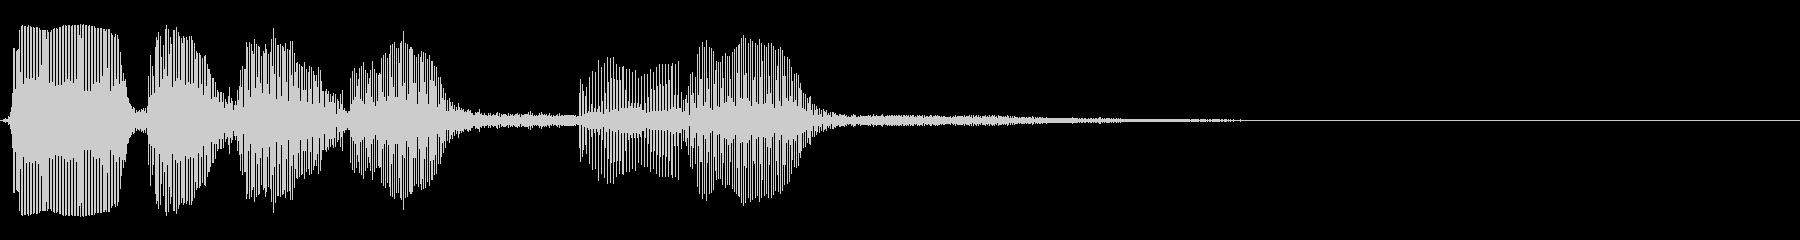 トランペット/ちょっぴり残念な時の未再生の波形